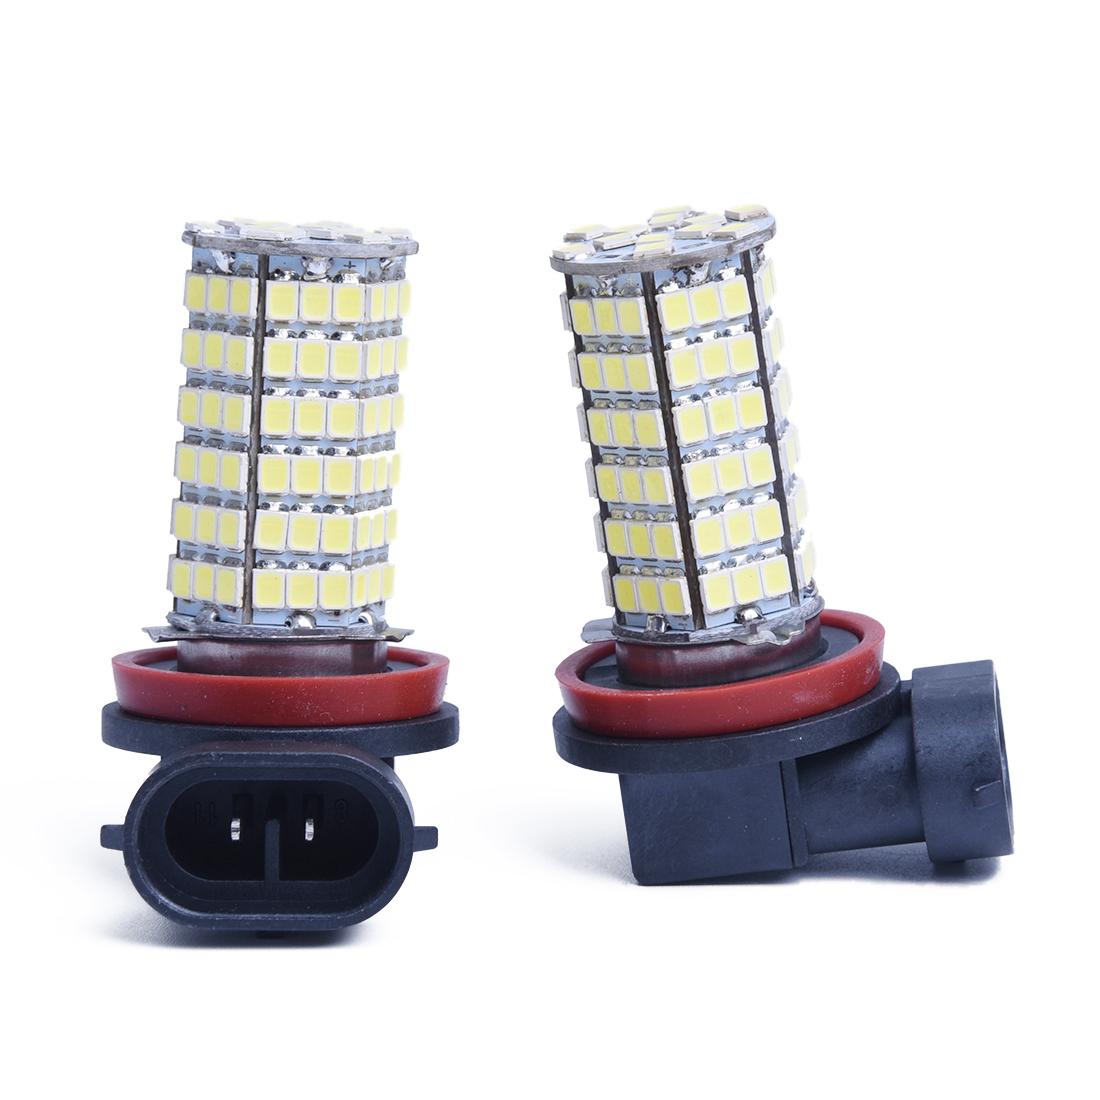 728h3 2weiss h11 12v 120smd led scheinwerfer auto kfz leuchte birne licht lampen ebay. Black Bedroom Furniture Sets. Home Design Ideas